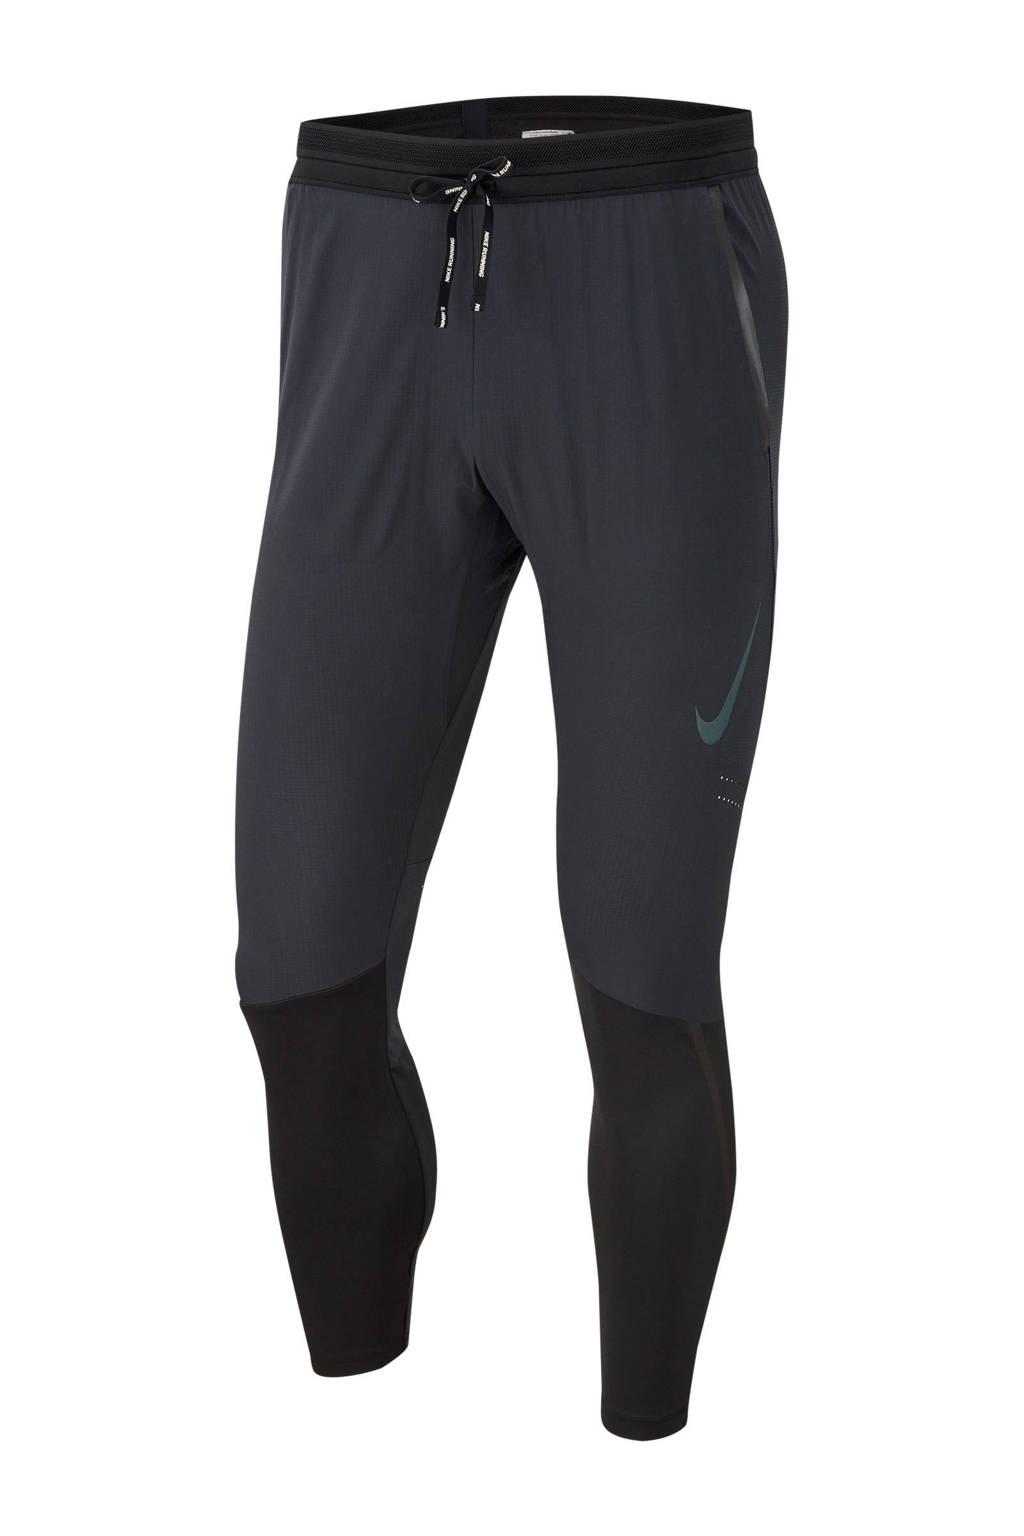 Nike   hardloopbroek zwart, Zwart